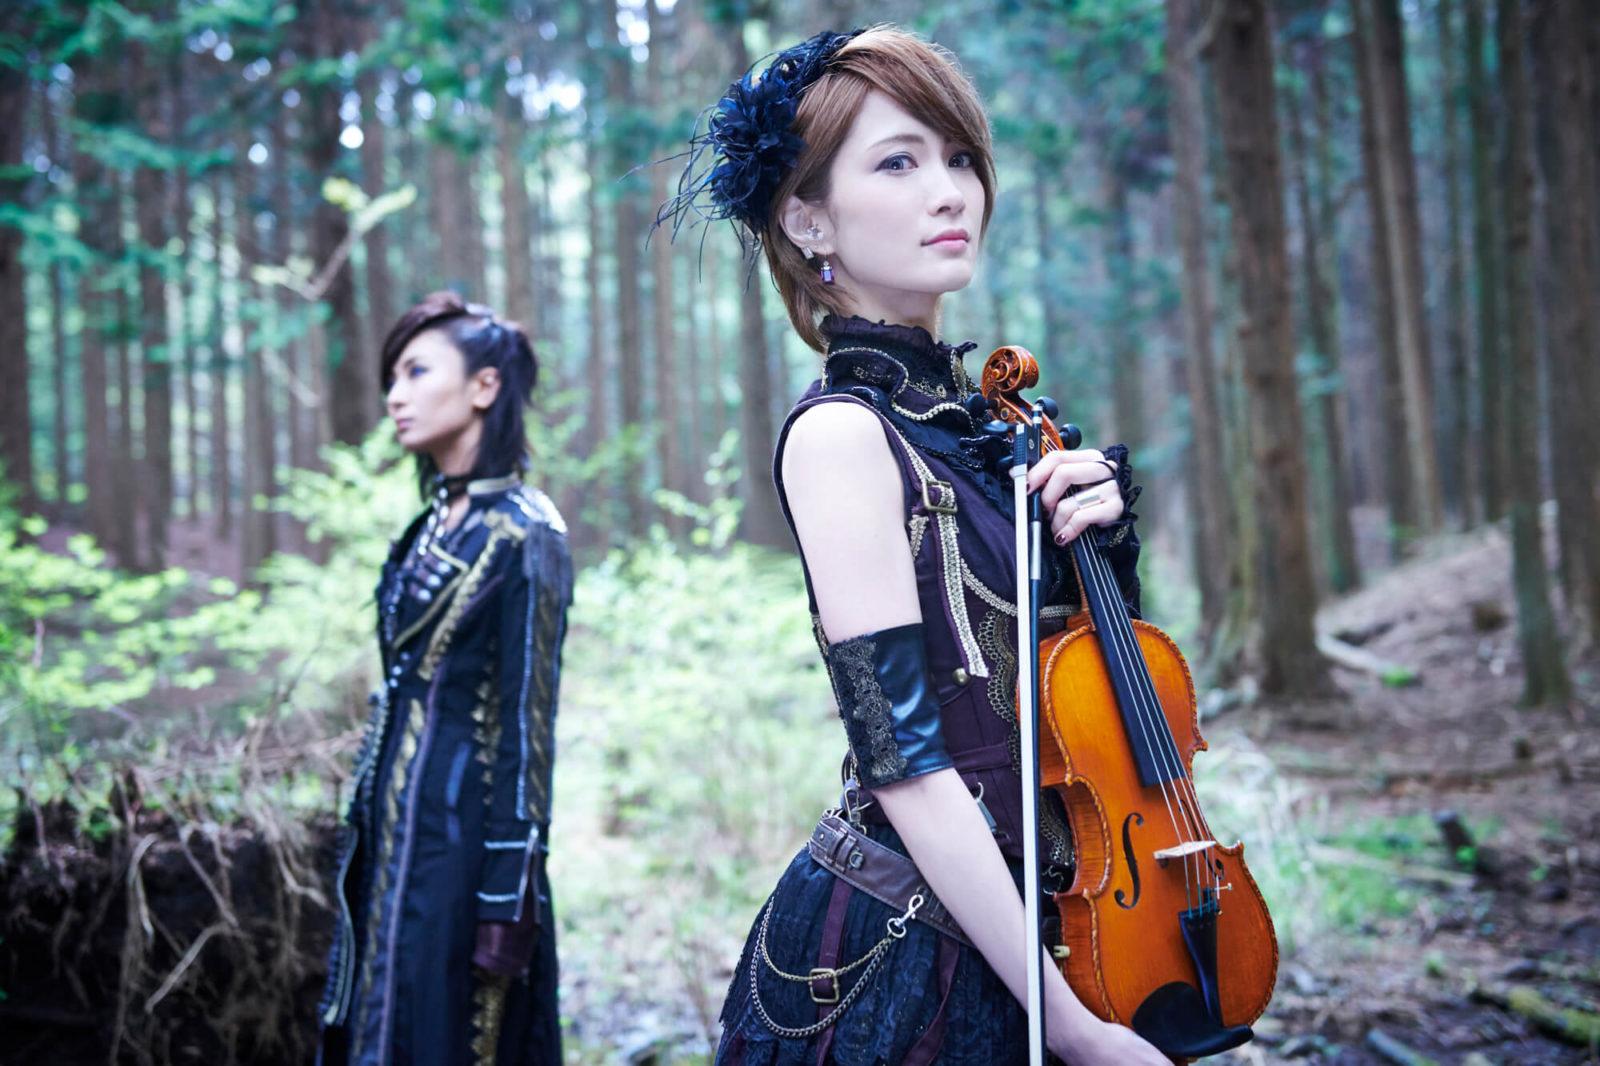 イケメン男装モデルAKIRAとロックバイオリニストAyasaのスペシャルユニット・+Aに聞く「沢山ライブがしたいです」画像65144